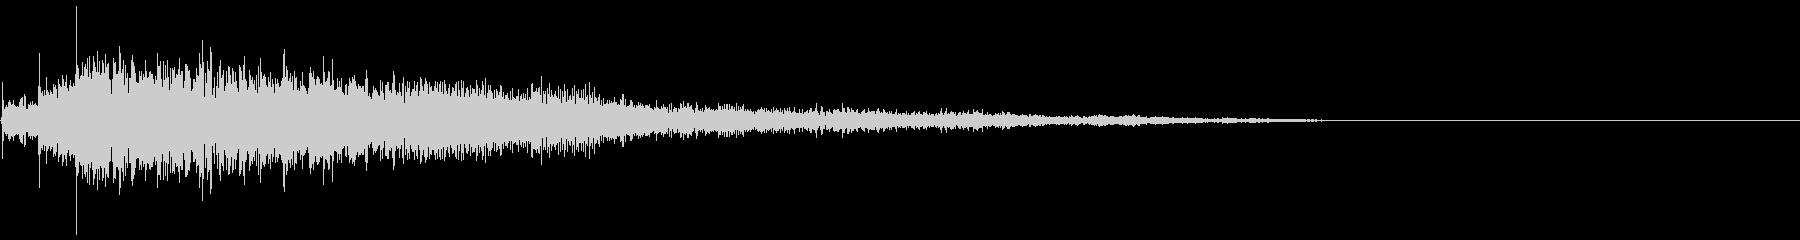 タイトルバック 8 の未再生の波形